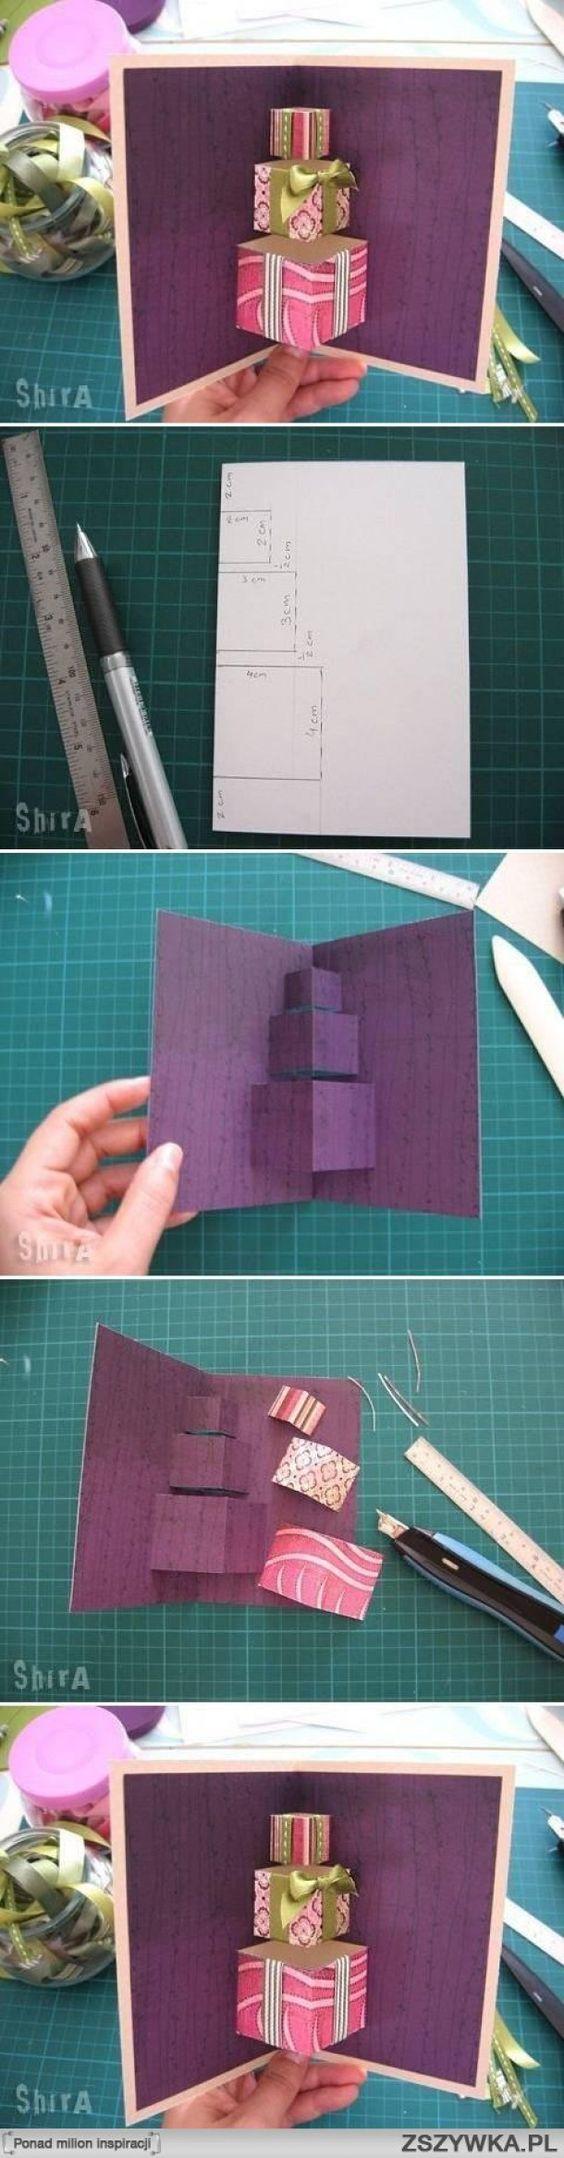 我制作了此卡作为Box Fold教程的后续工作。这张卡可能是有史以来最简单的盒式折叠弹出卡!箱子不仅是基本的机制,而且是爆裂元素本身。一个…